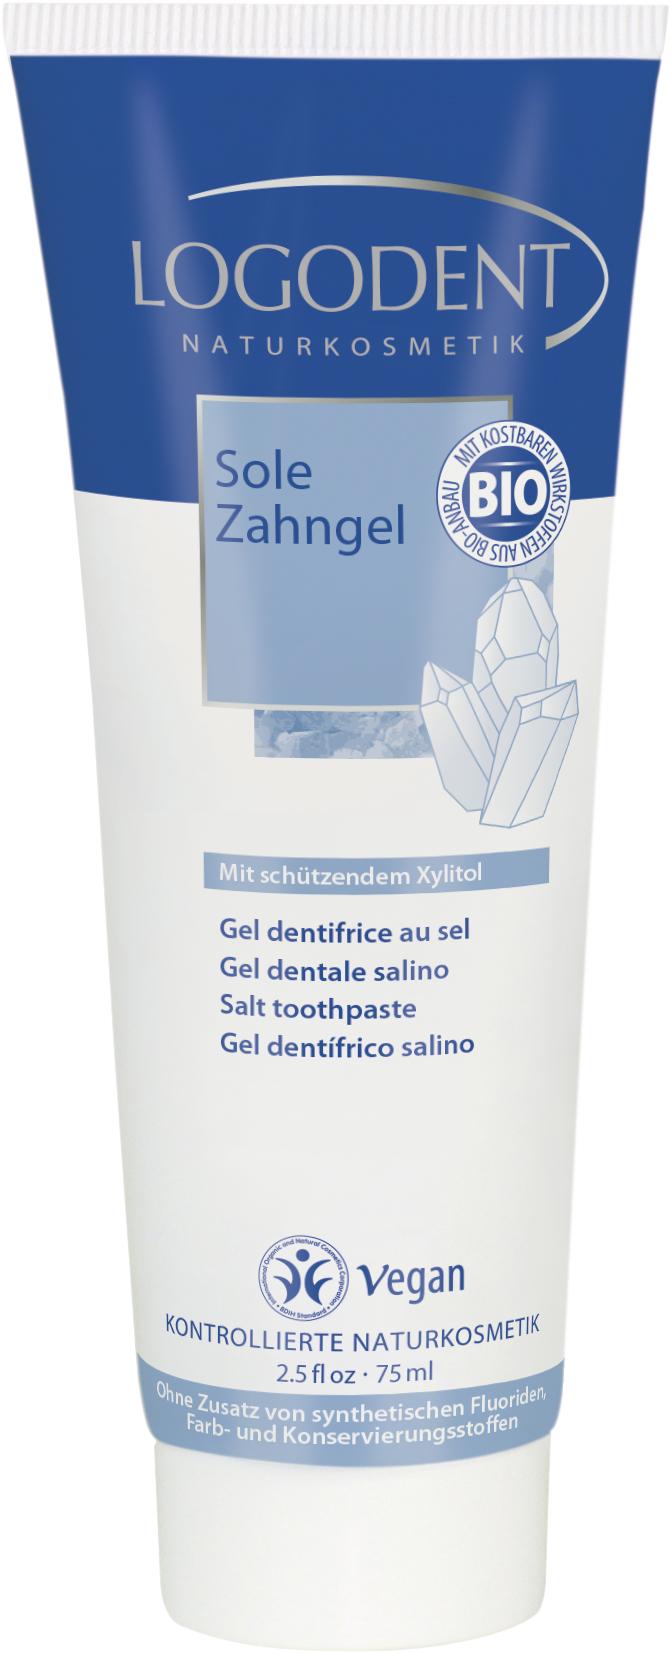 Logodent гелевая зубная паста «Солевая» 75 млSatin Hair 7 BR730MNС ксилитом для защиты зубов.Активизирует процесс самоочистки полости рта нейтрализует вредные пищевые кислоты поддерживает естественные кислотно-щелочной баланс полости рта. (Ph баланс = 7). Ежедневное использование защищает зубы от кариеса и формирования зубного камняАктивные ингредиенты, как морская соль и экстракт органической ромашки и гвоздики дезинфицируют, снимают воспаление, оказывают бактерицидное действие,Без фторидов, синтетических красителей и консервантовНе содержит мяты и ментола. Не ослабляет действия гомеопатических препаратов, рекомендована врачами-гомеопатами